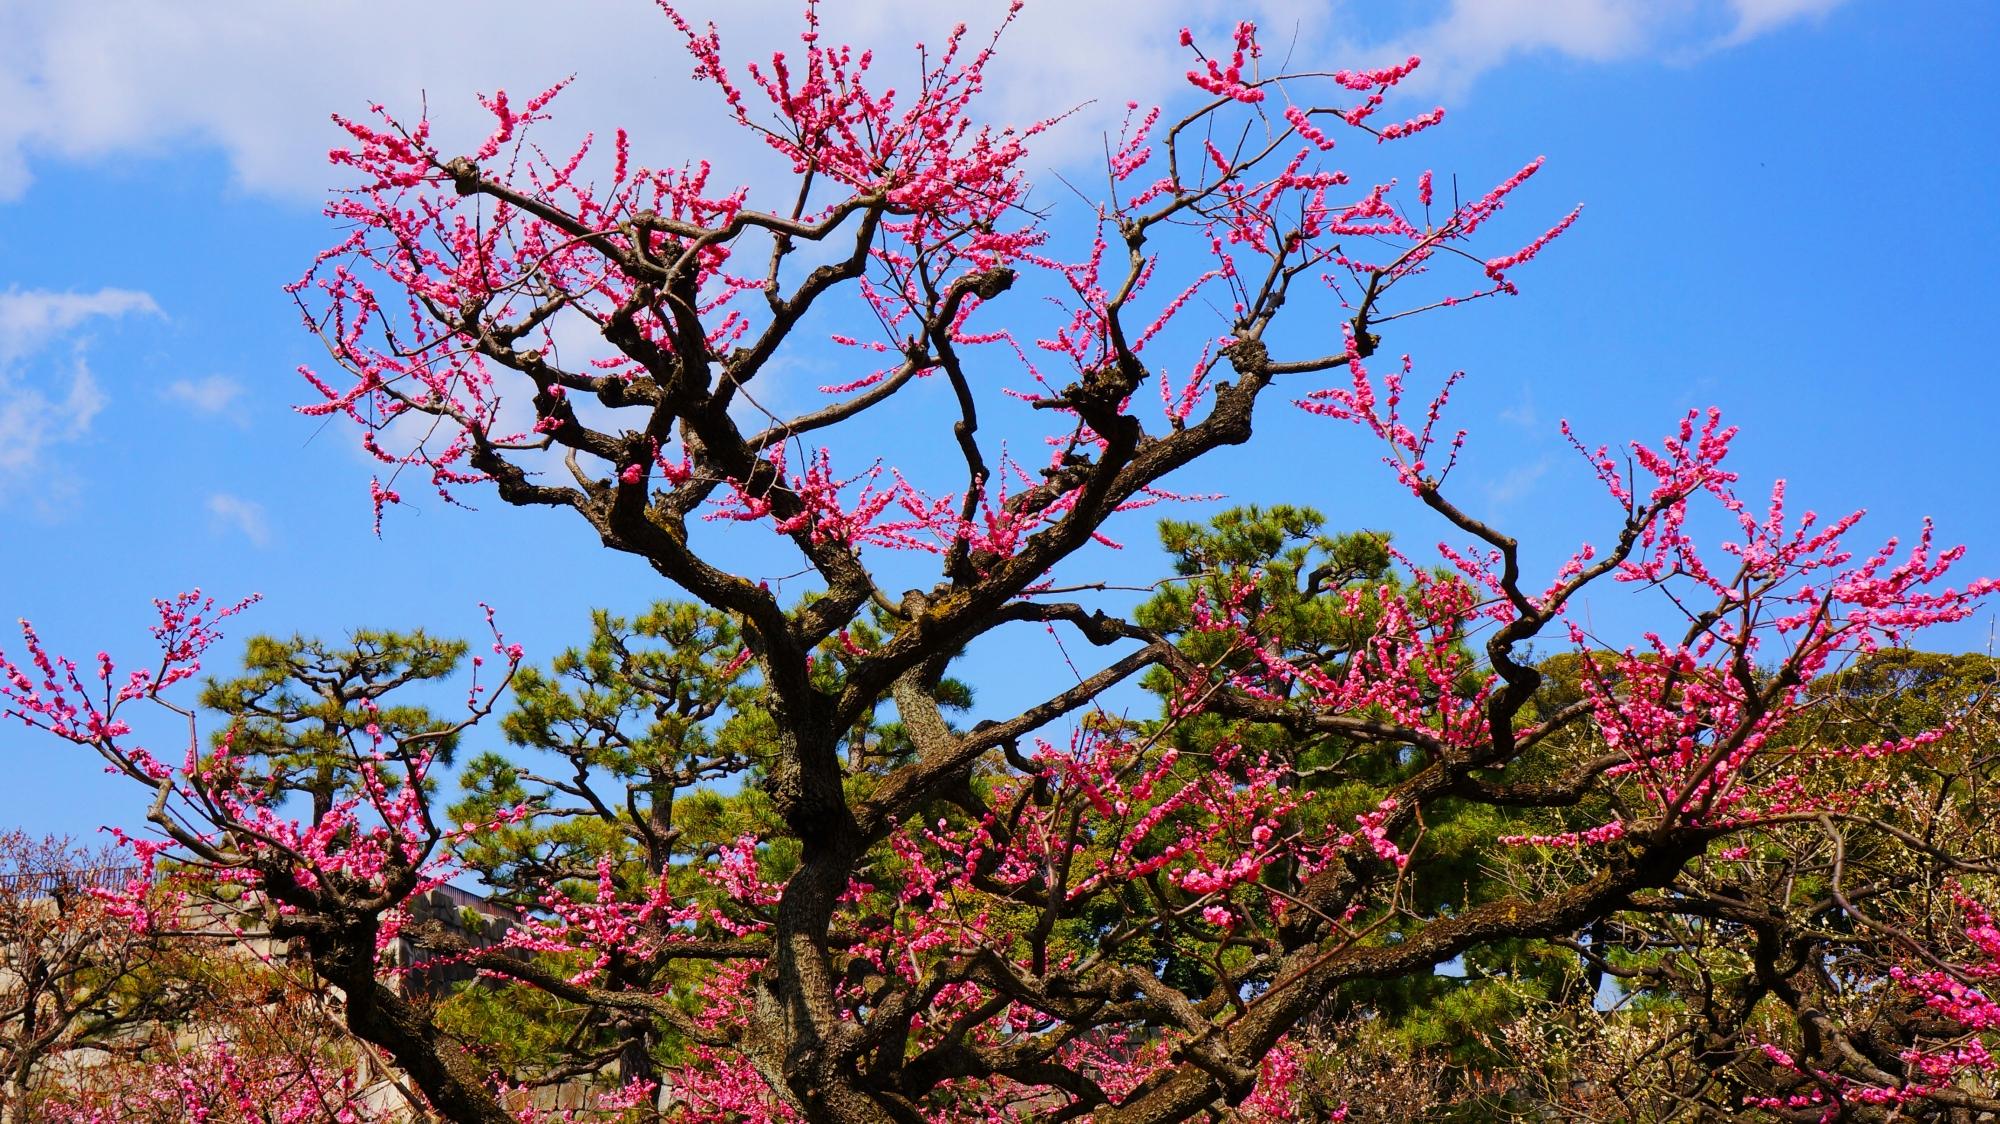 二条城の春先の鮮やかな彩り